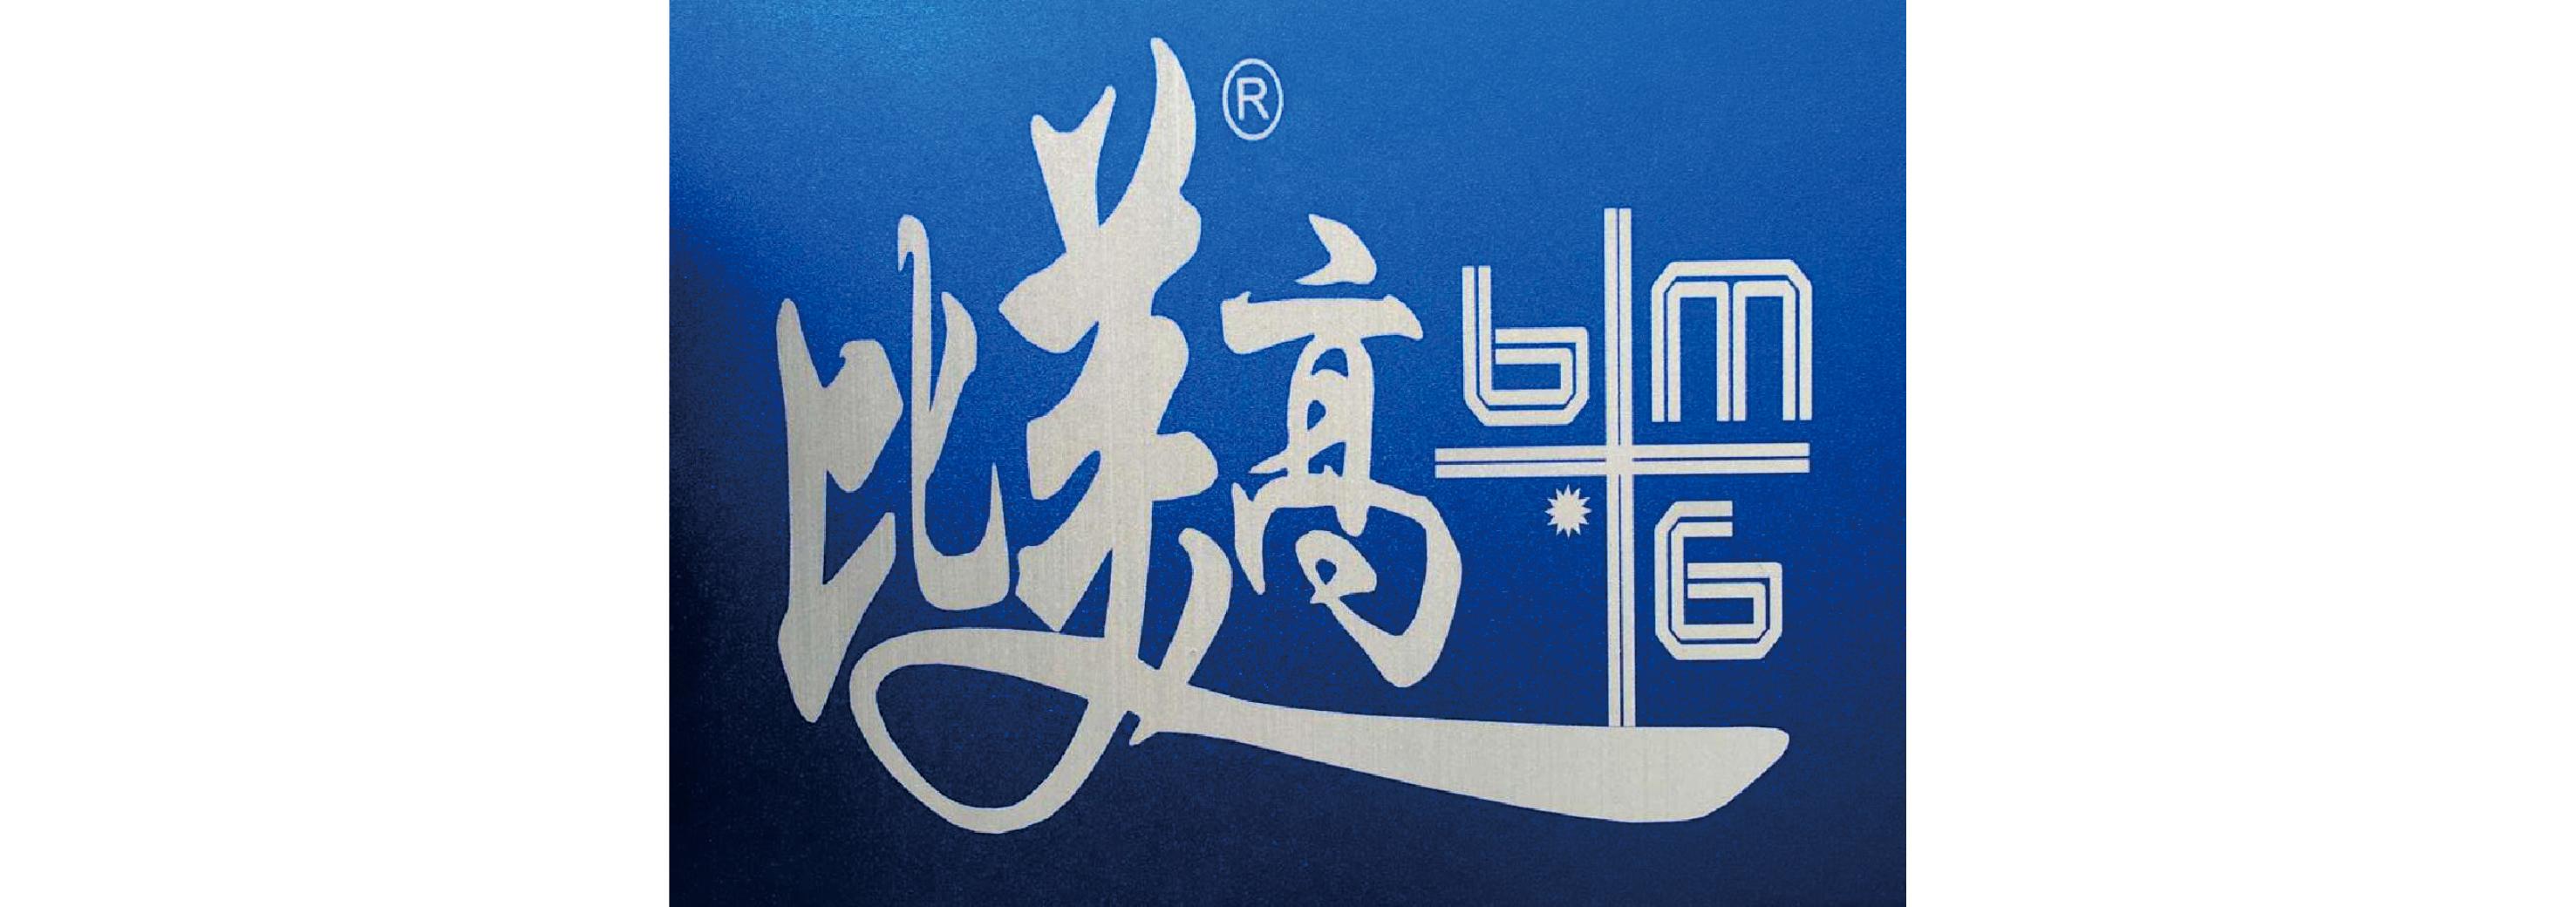 广州市比美高激光科技有限公司-深圳物联网展会